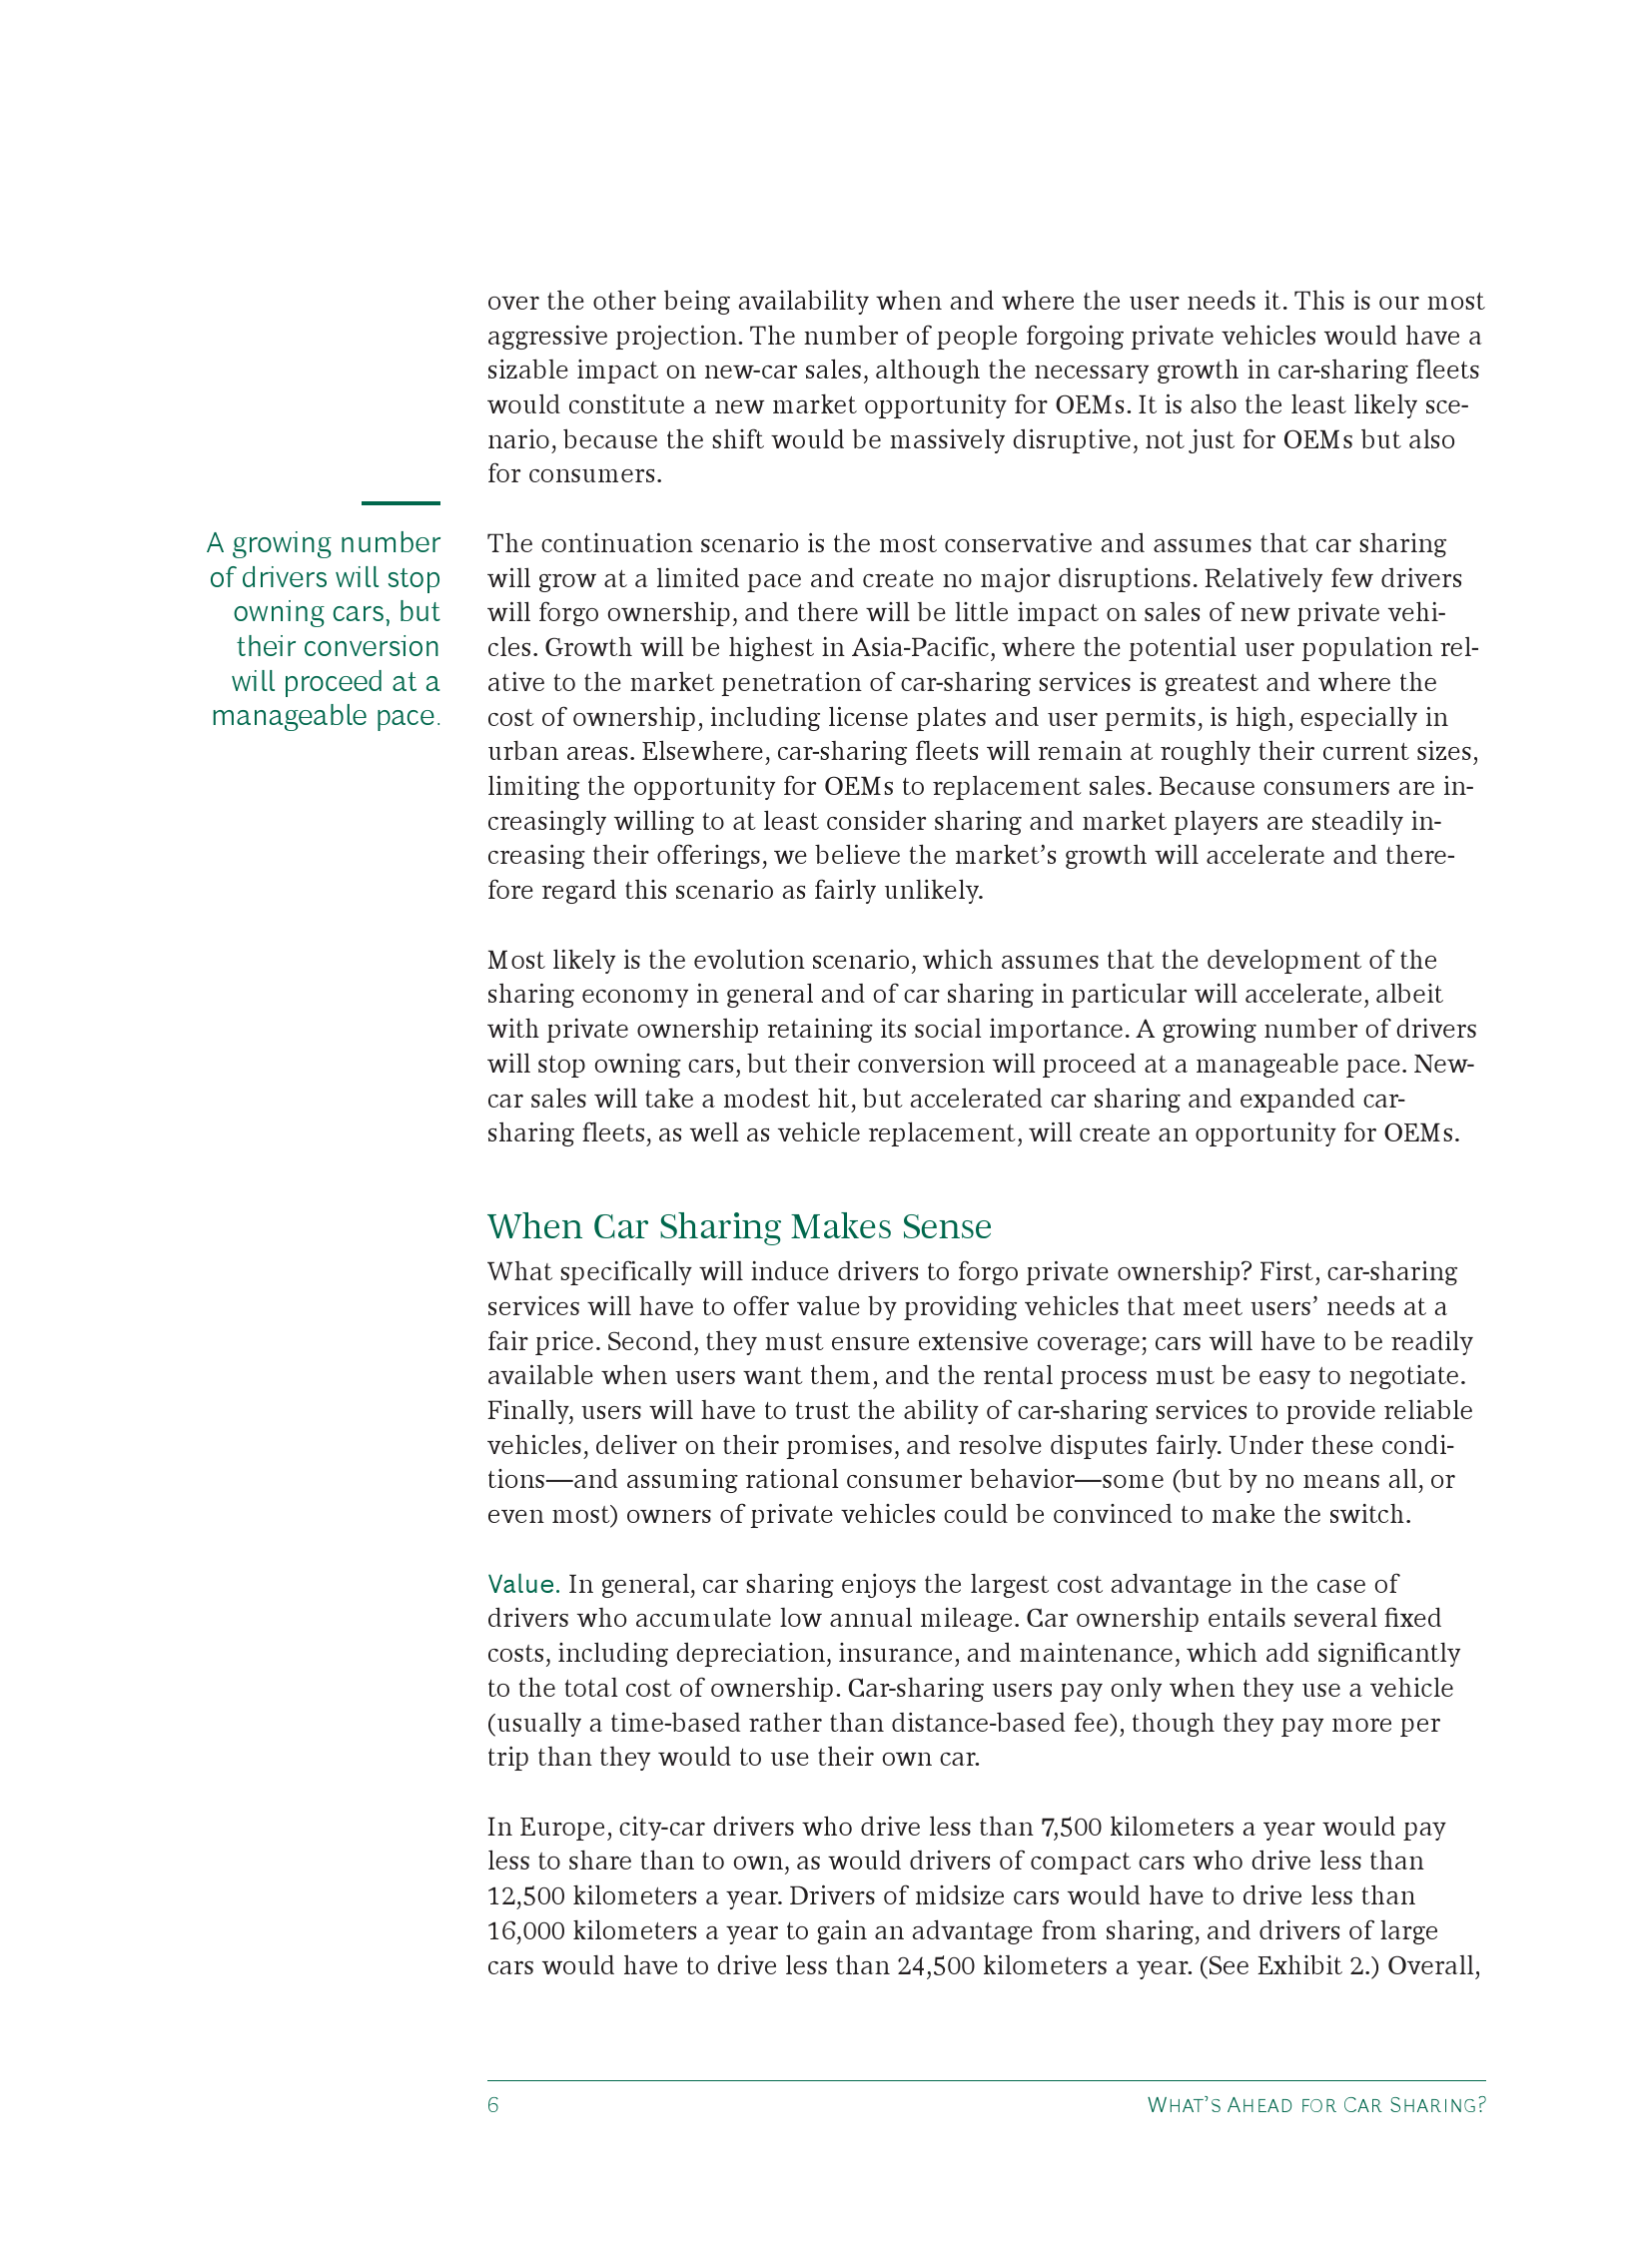 汽车共享新前景:新型出行方式对汽车销量的影响_000008